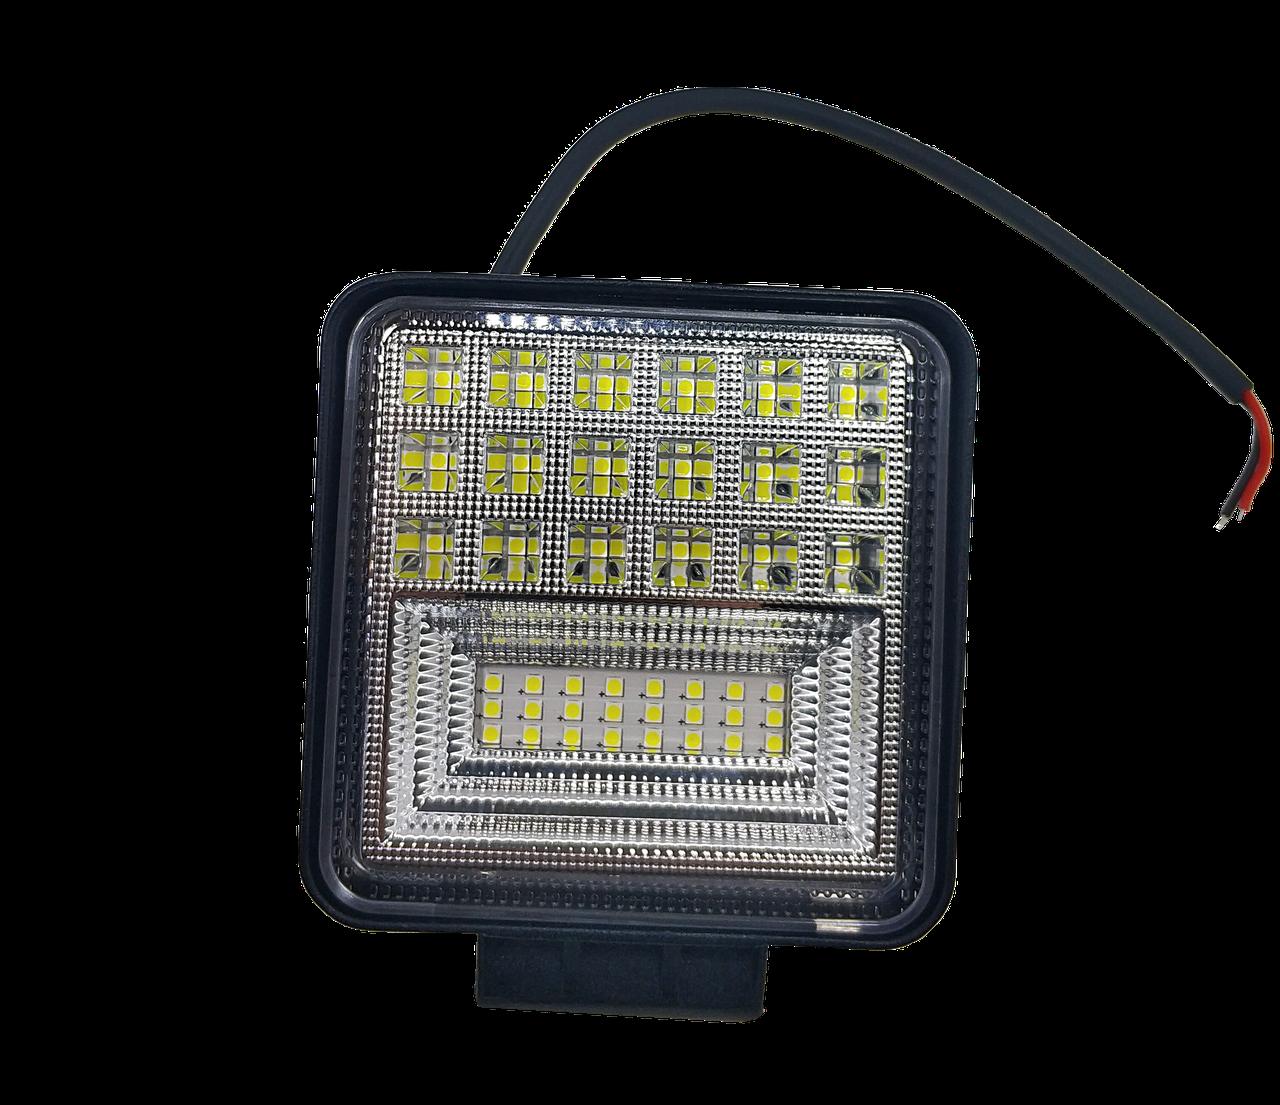 Фара LED квадратна 126 W, 42 лампи, широкий промінь 10/30V 6000K товщина: 40 мм